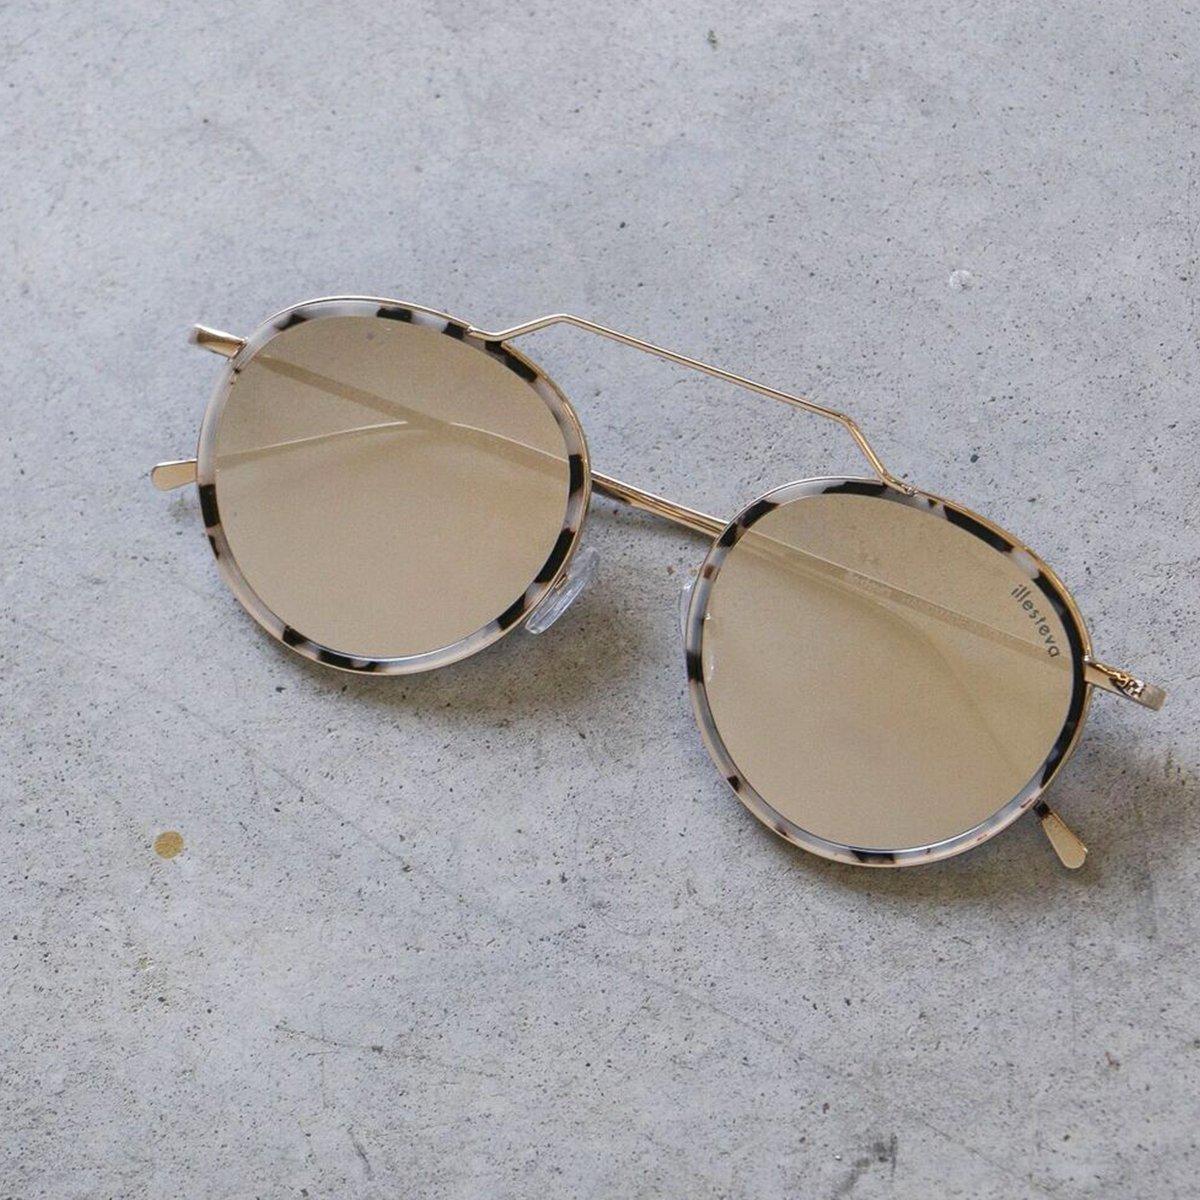 d871f0419b Illesteva Wynwood Ace Sunglasses in White Tortoise